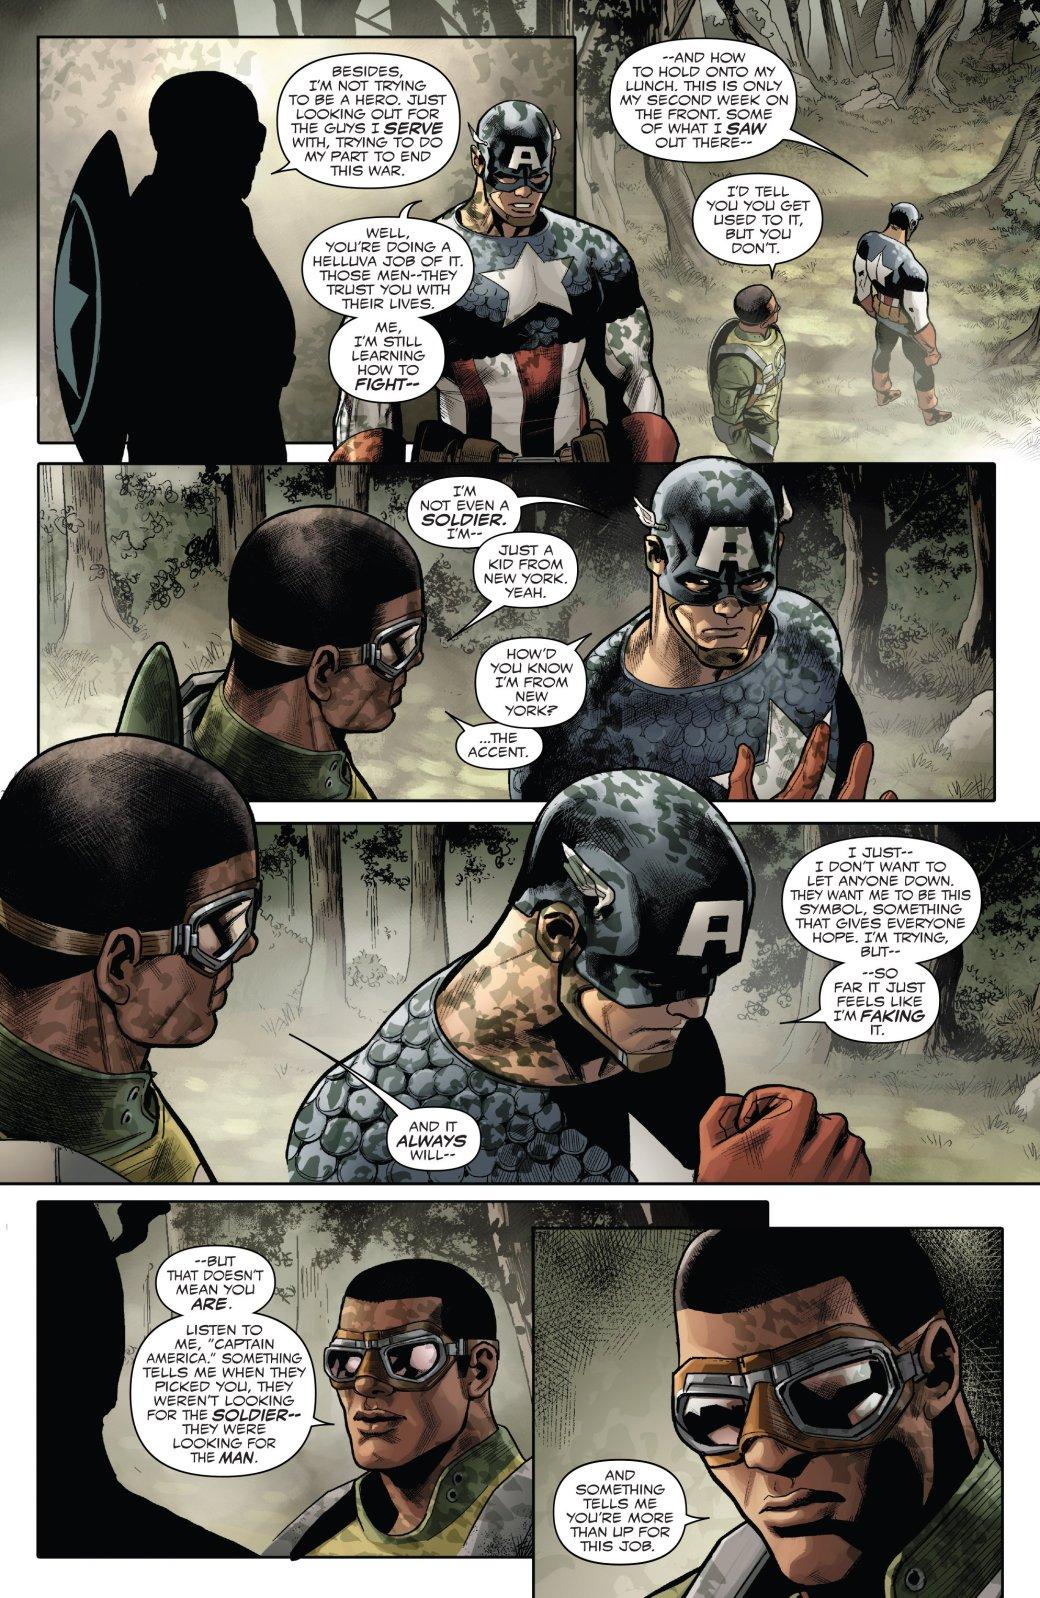 Marvel Generations: отправившись впрошлое, Сэм Уилсон прожил там целую жизнь | Канобу - Изображение 5749